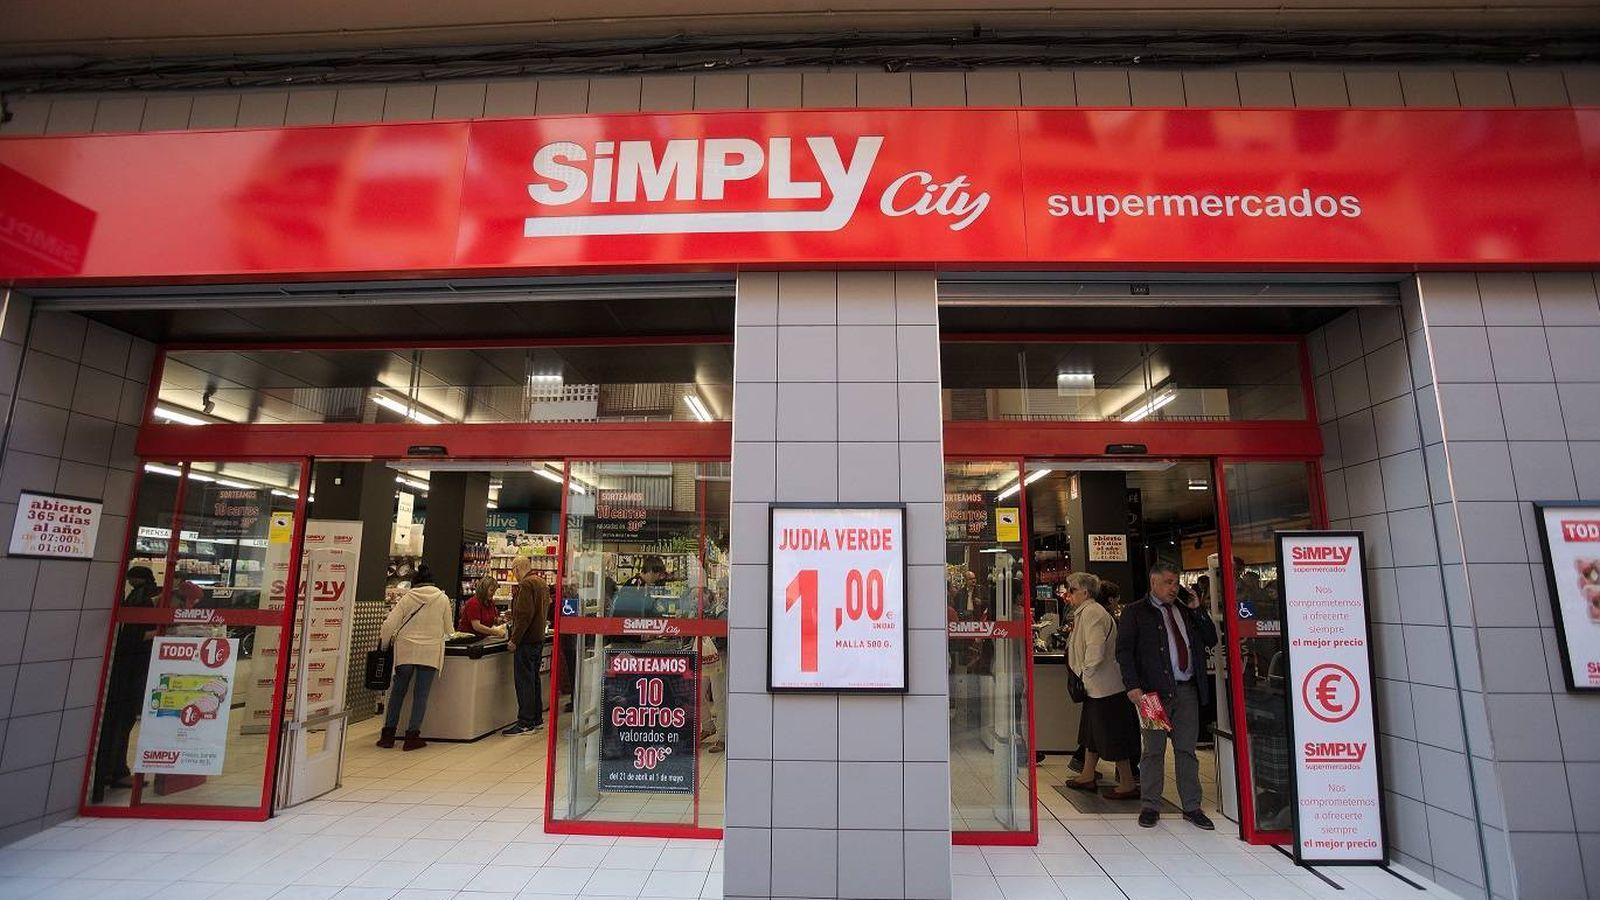 Foto: La marca Simply está a punto de extinguirse.